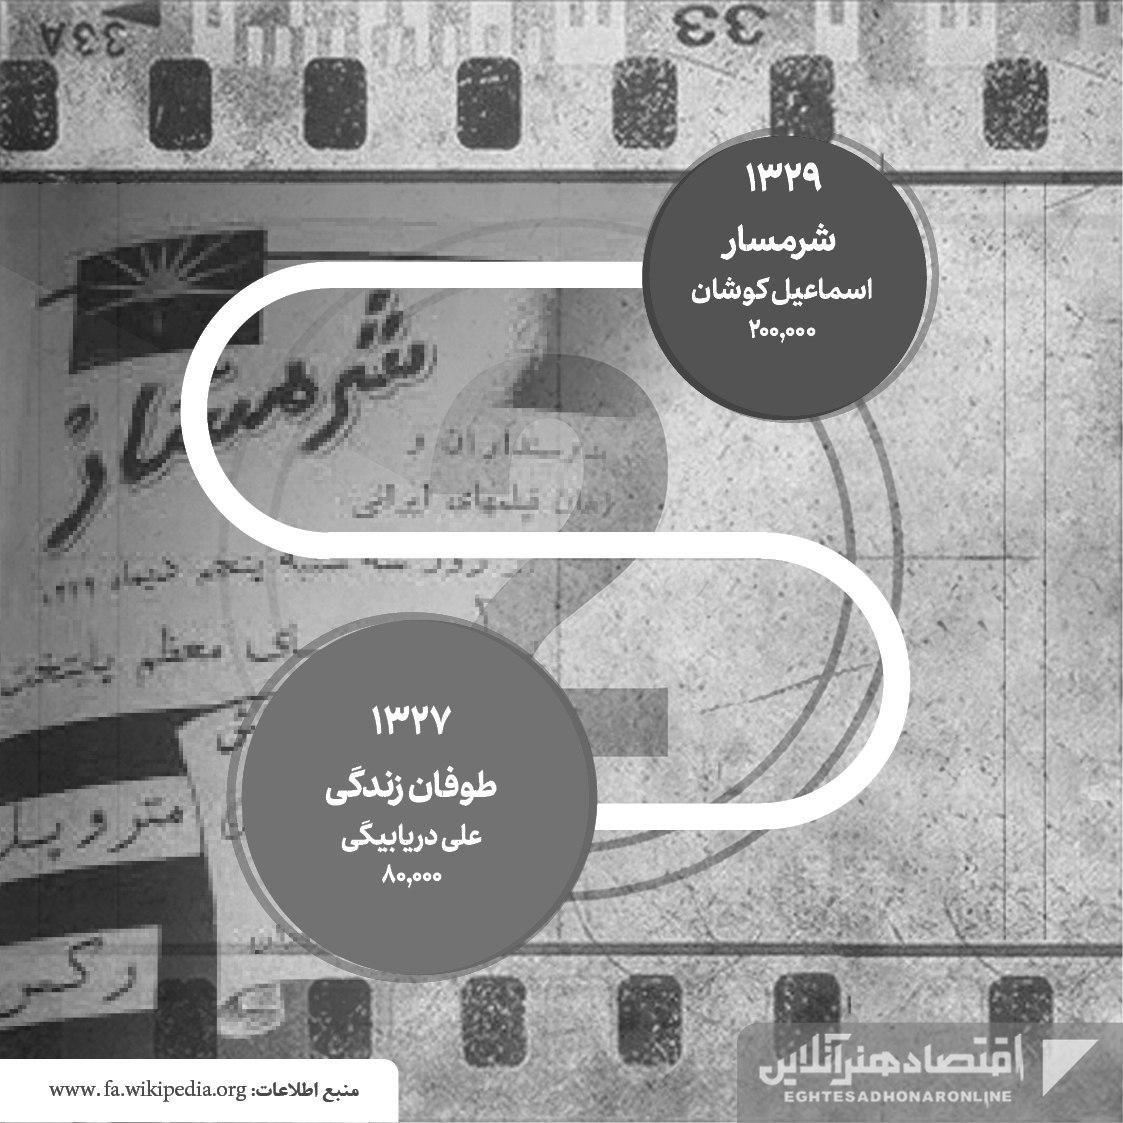 پرفروشترین فیلمهای تاریخ سینمای ایران08